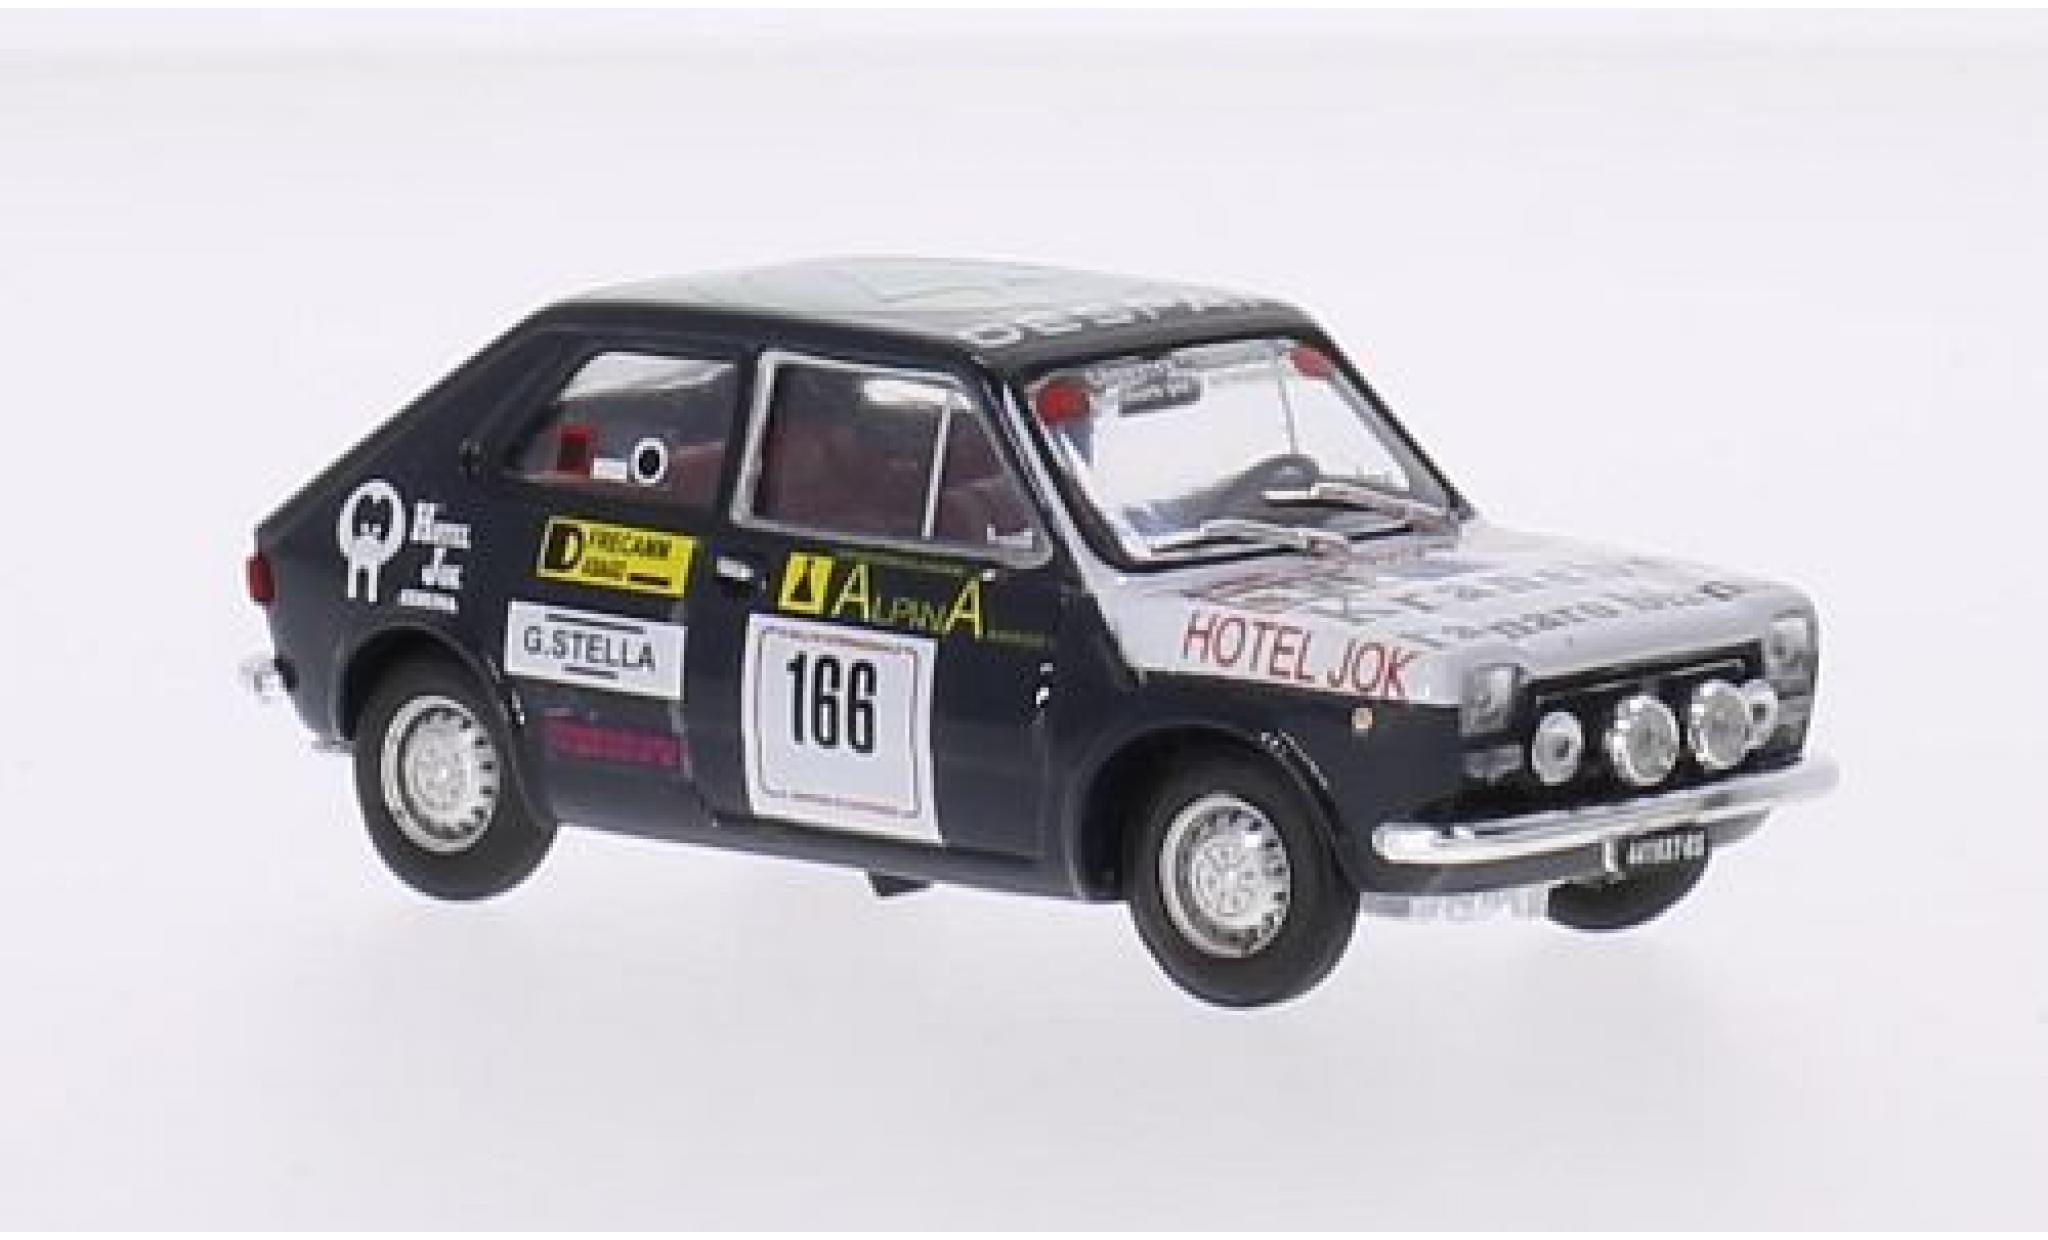 Fiat 127 1/43 Brumm No.166 Despar Rally San Martino di Castrozza 1976 V.Caneva